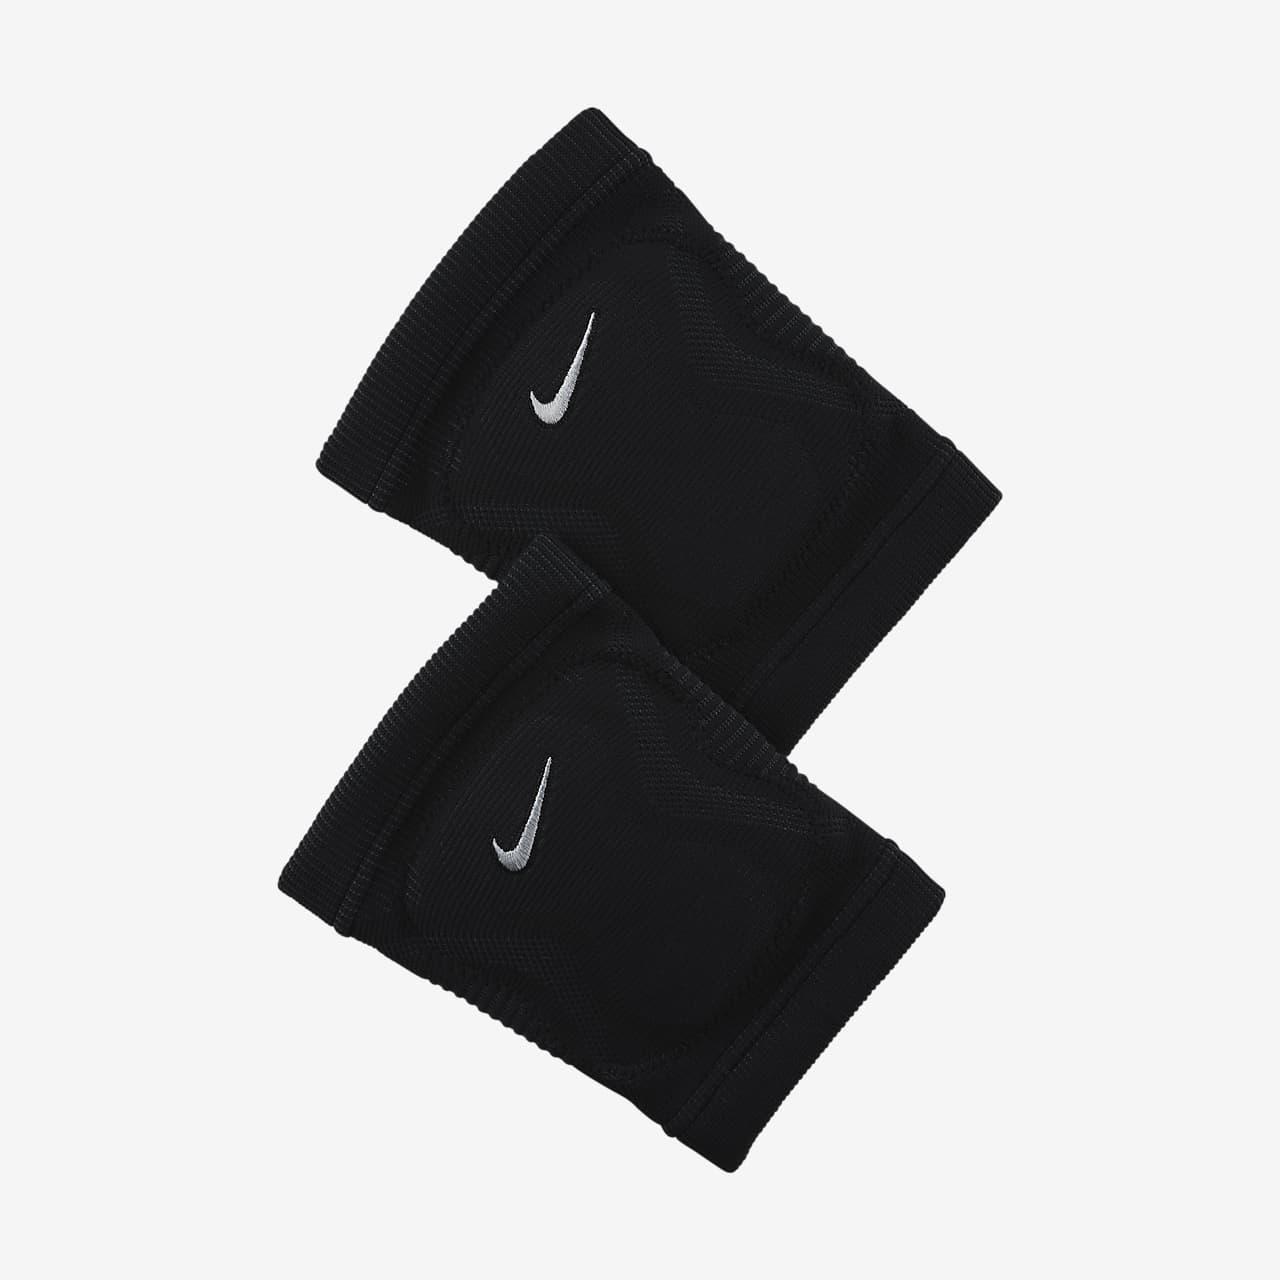 Rodilleras de vóleibol Nike Vapor